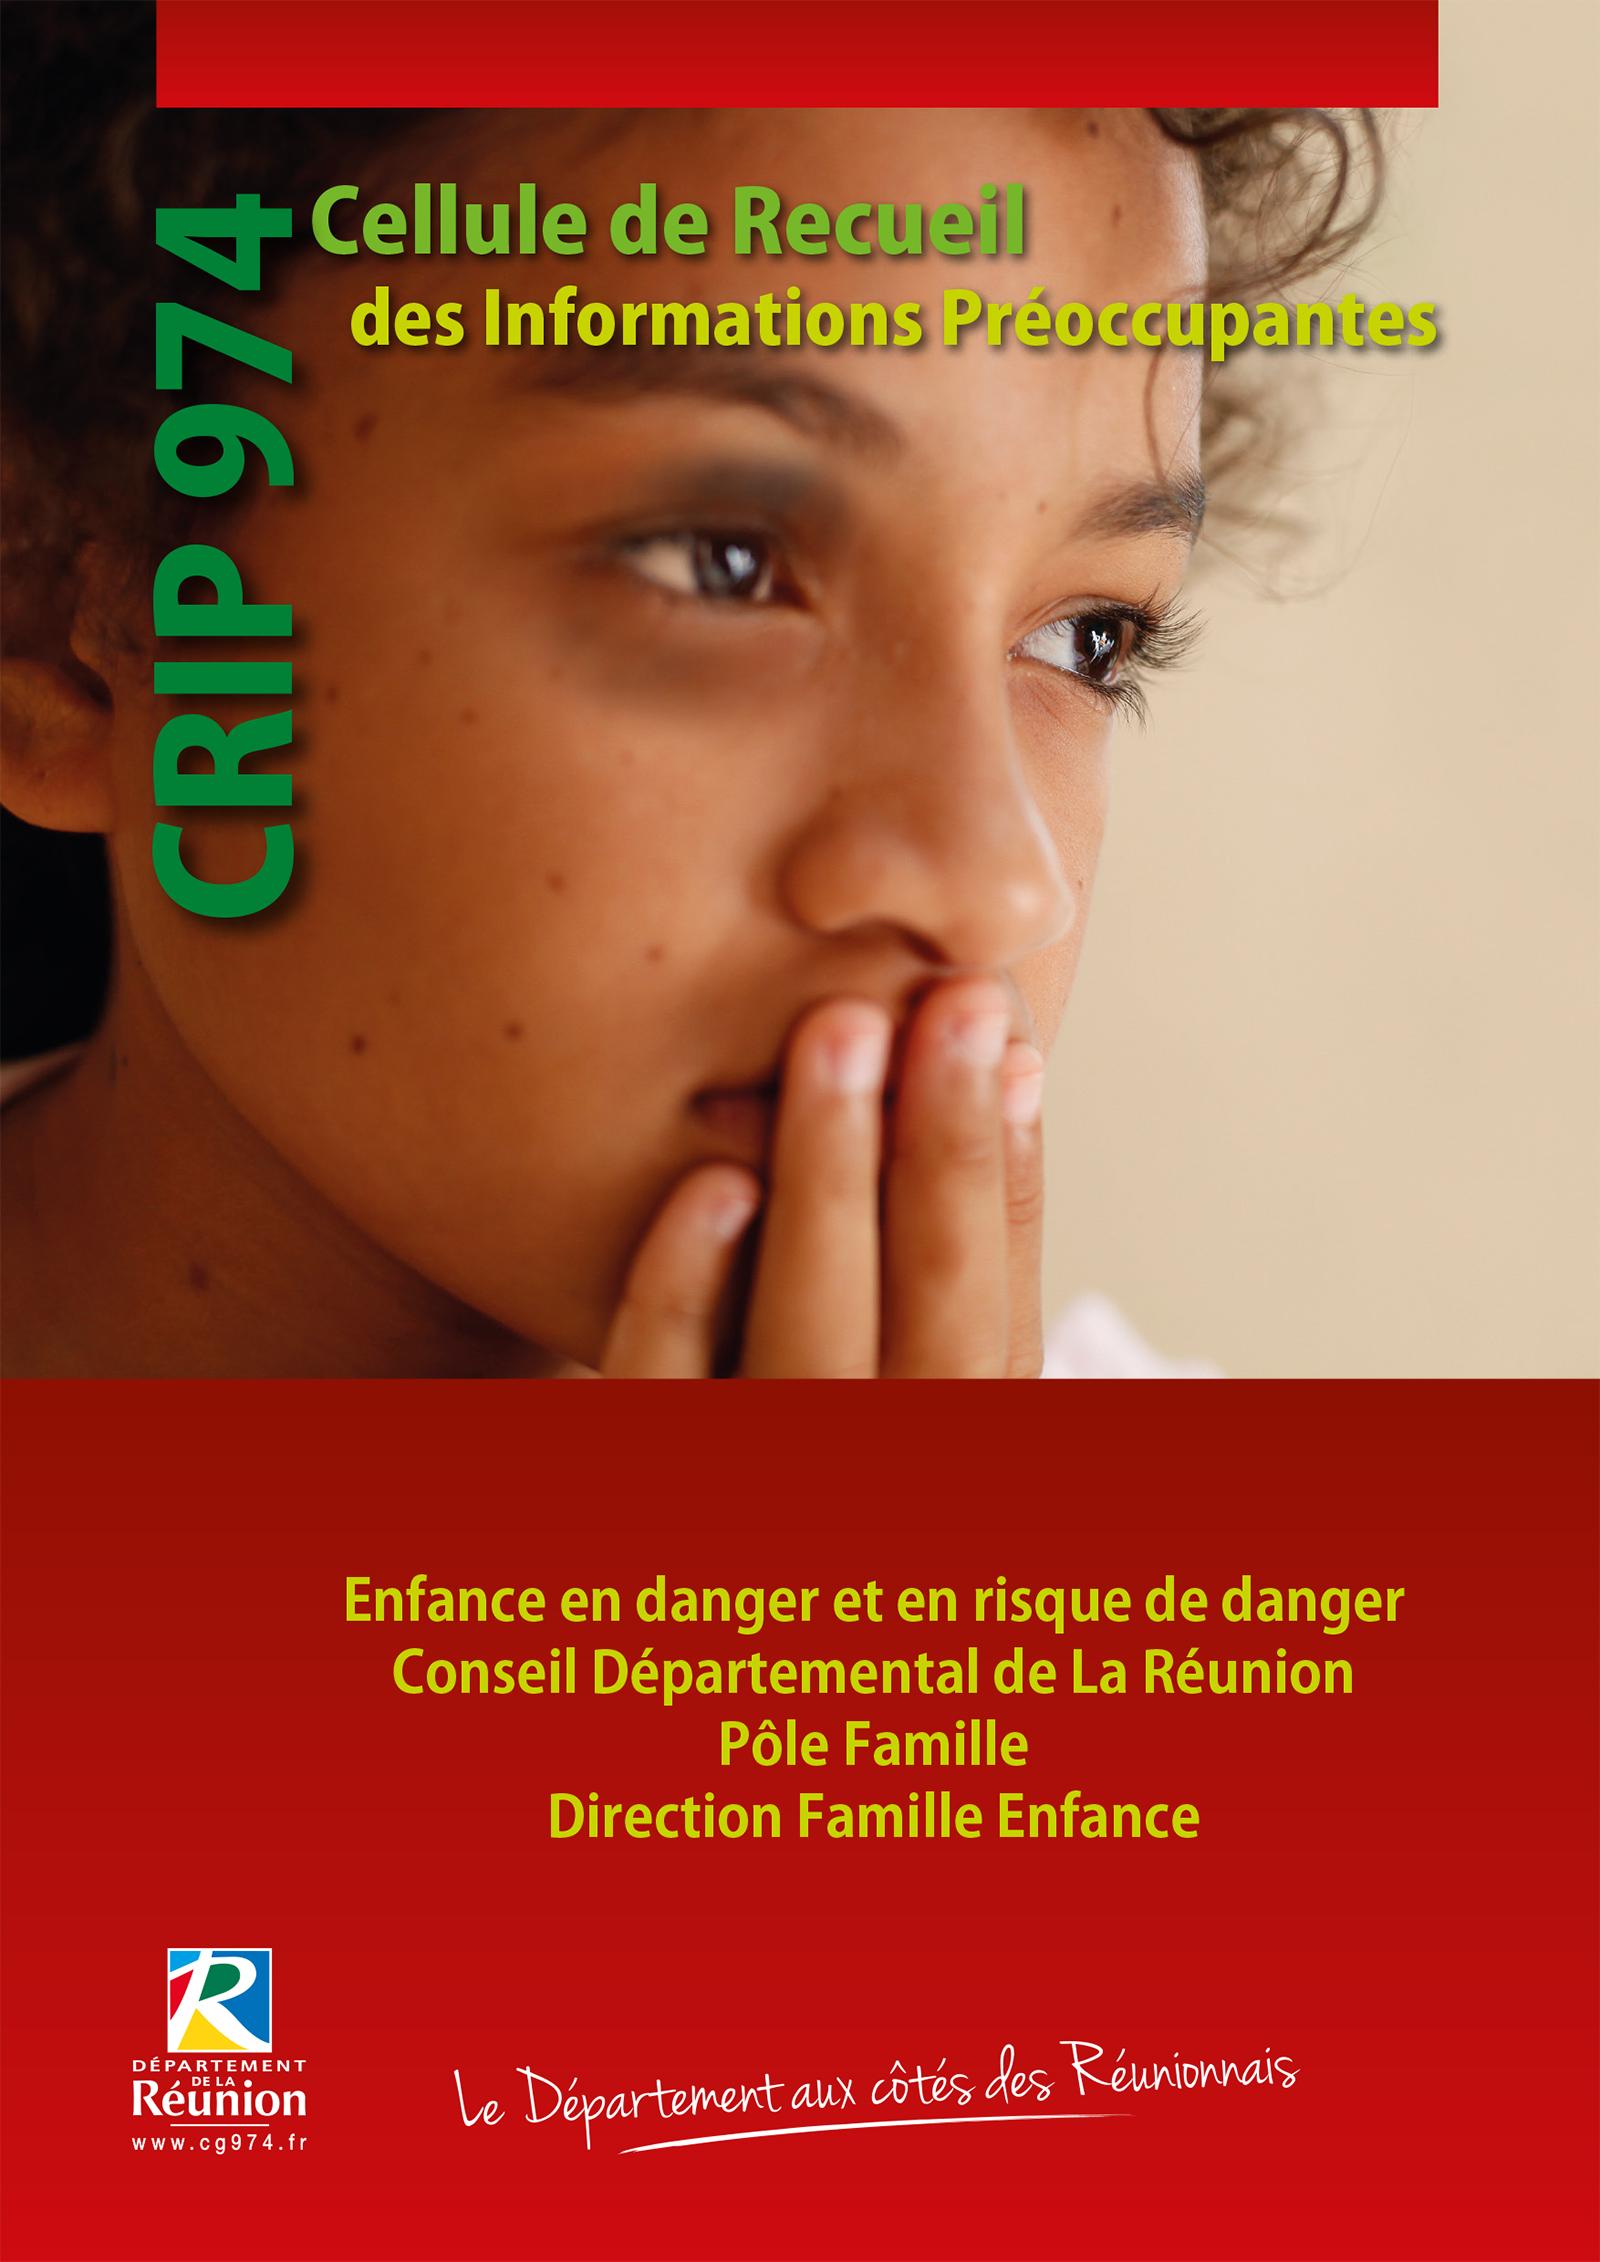 Couverture guide protection de l'enfance CRIP 974